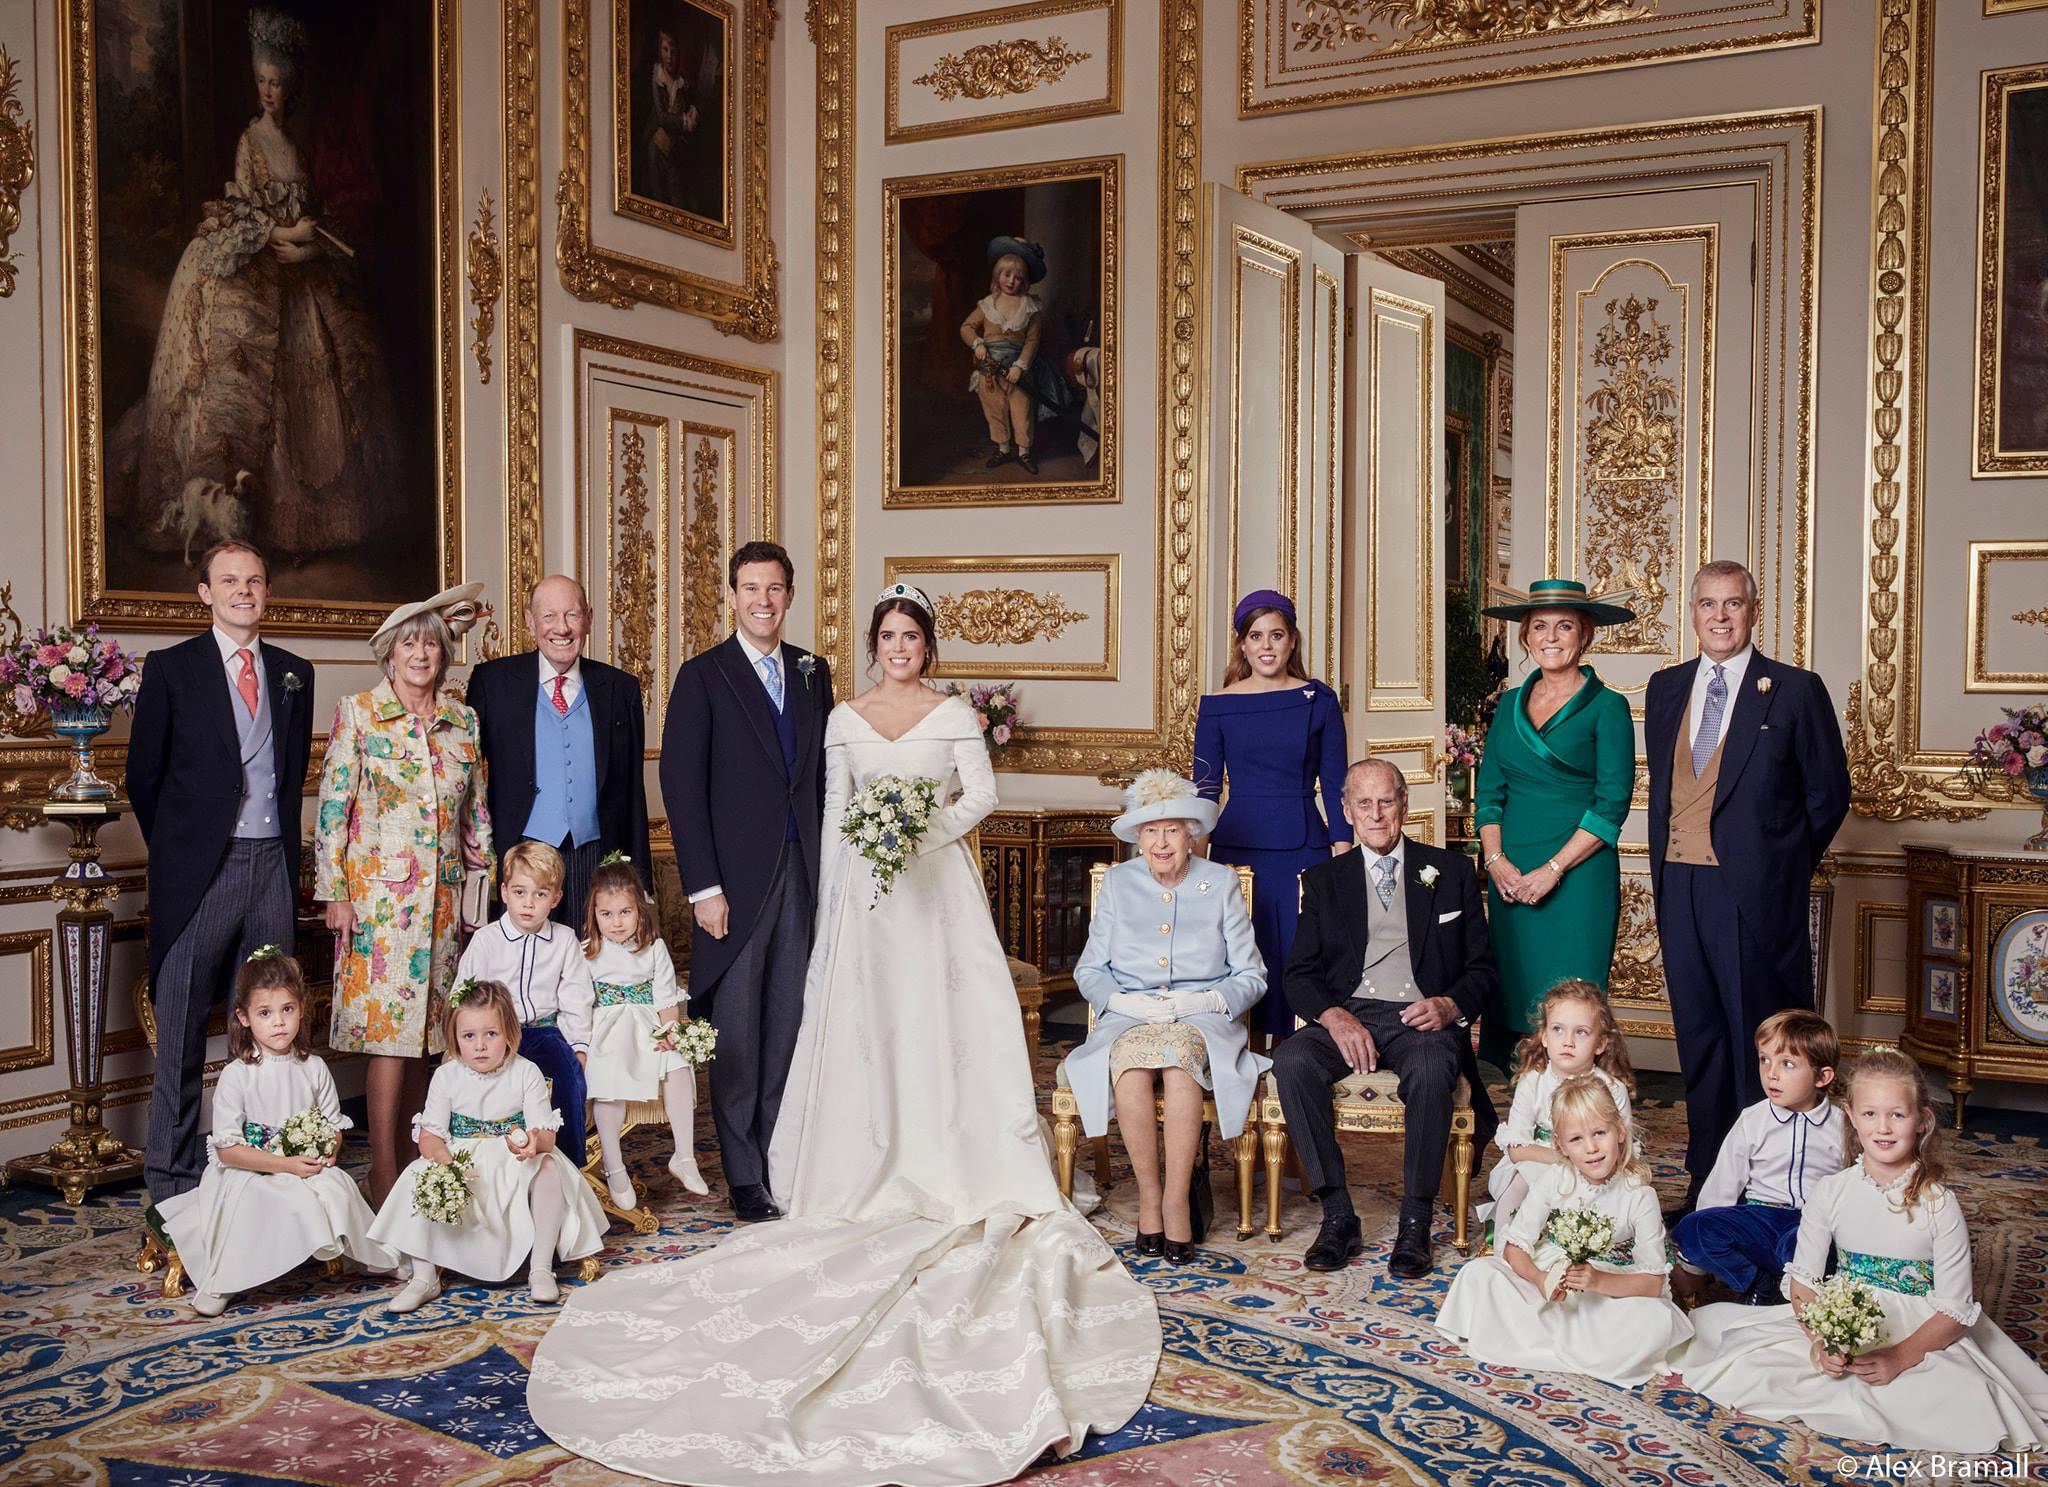 Royal wedding 2, le foto ufficiali del matrimonio di Eugenie di York